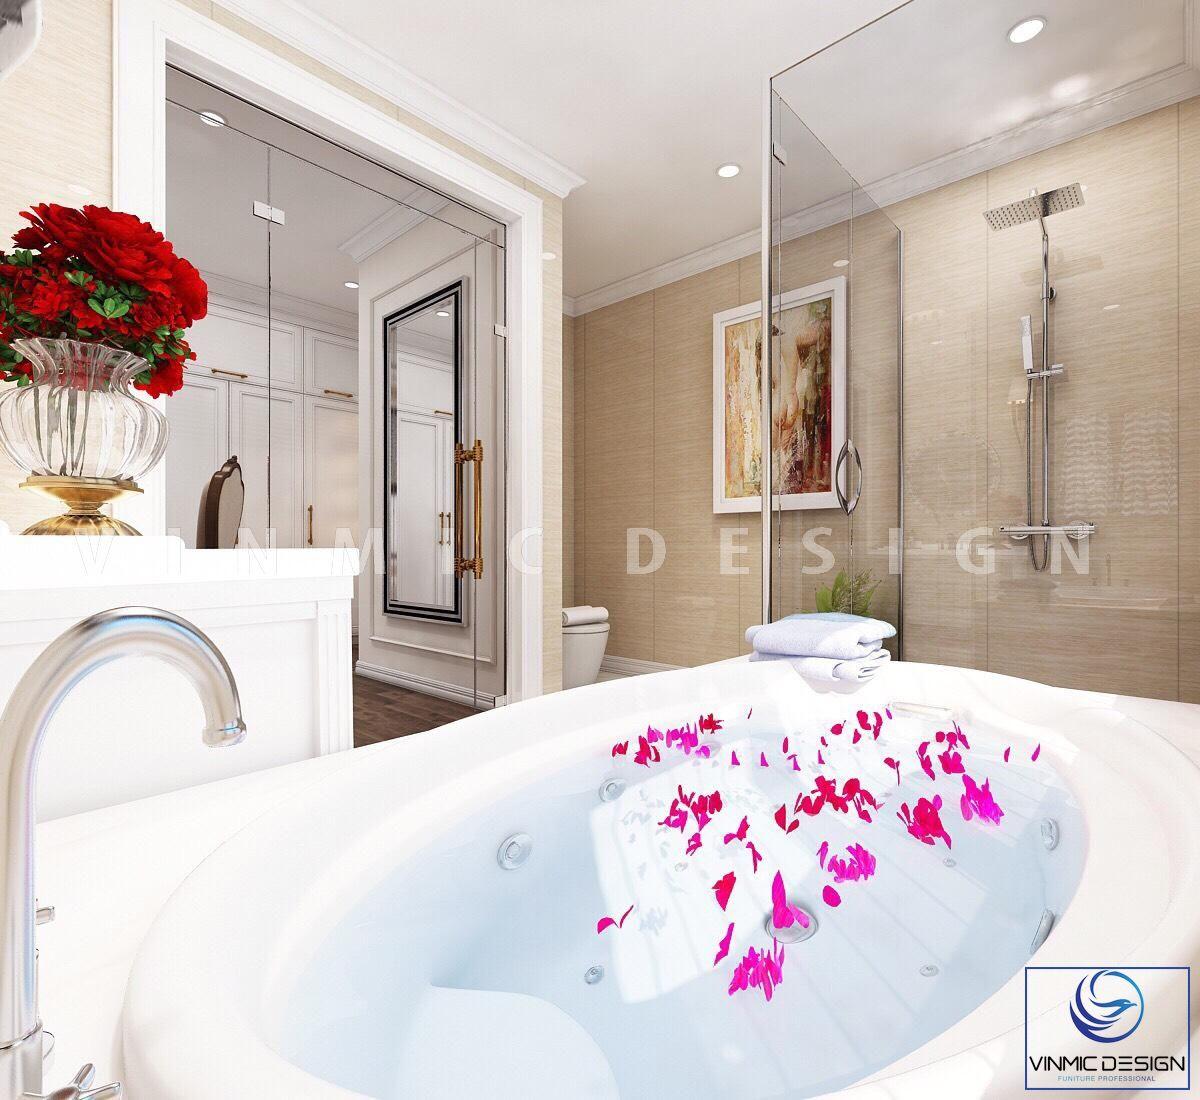 Thiết kế nội thất phòng tắm/ vệ sinh rộng rãi và đẹp mắt tại biệt thự Vinhomes Imperia Hải Phòng